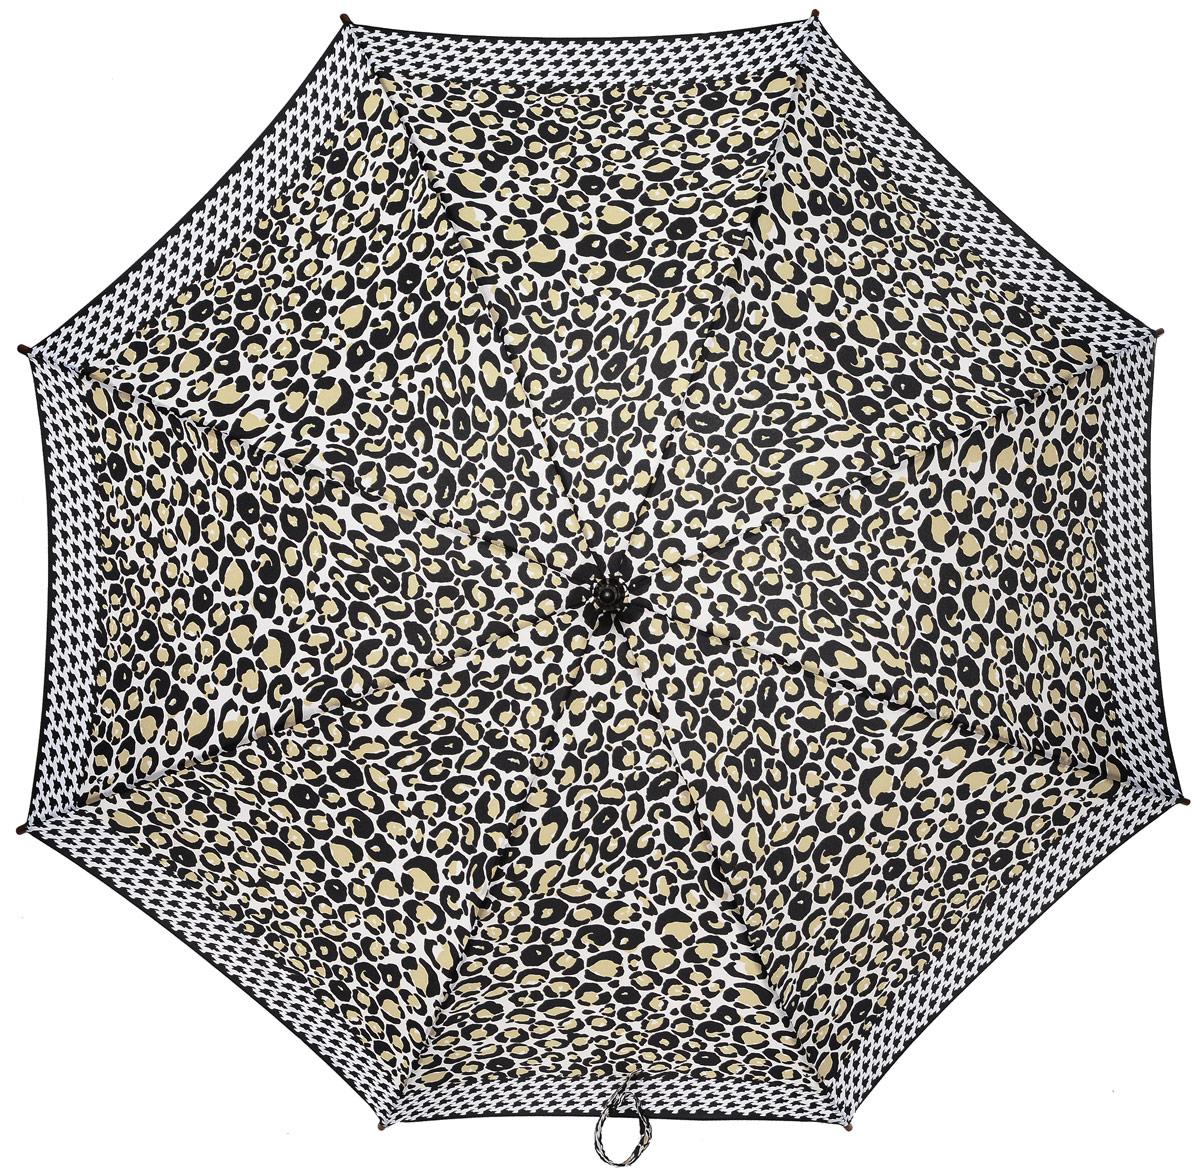 Зонт-трость женский Fulton, механический, цвет: белый, черный, бежевый. L056-3039L056-3039 LeopardBorderСтильный зонт-трость Fulton даже в ненастную погоду позволит вам оставаться стильной и элегантной. Каркас зонта включает 8 спиц из фибергласса и состоит из стержня, изготовленного из прочной и ветроустойчивой стали. Купол зонта выполнен из высококачественного полиэстера. Рукоятка закругленной формы, разработанная с учетом требований эргономики, изготовлена из натурального дерева. Зонт механического сложения: купол открывается и закрывается вручную до характерного щелчка. Такой зонт не только надежно защитит вас от дождя, но и станет стильным аксессуаром, который идеально подчеркнет ваш неповторимый образ.